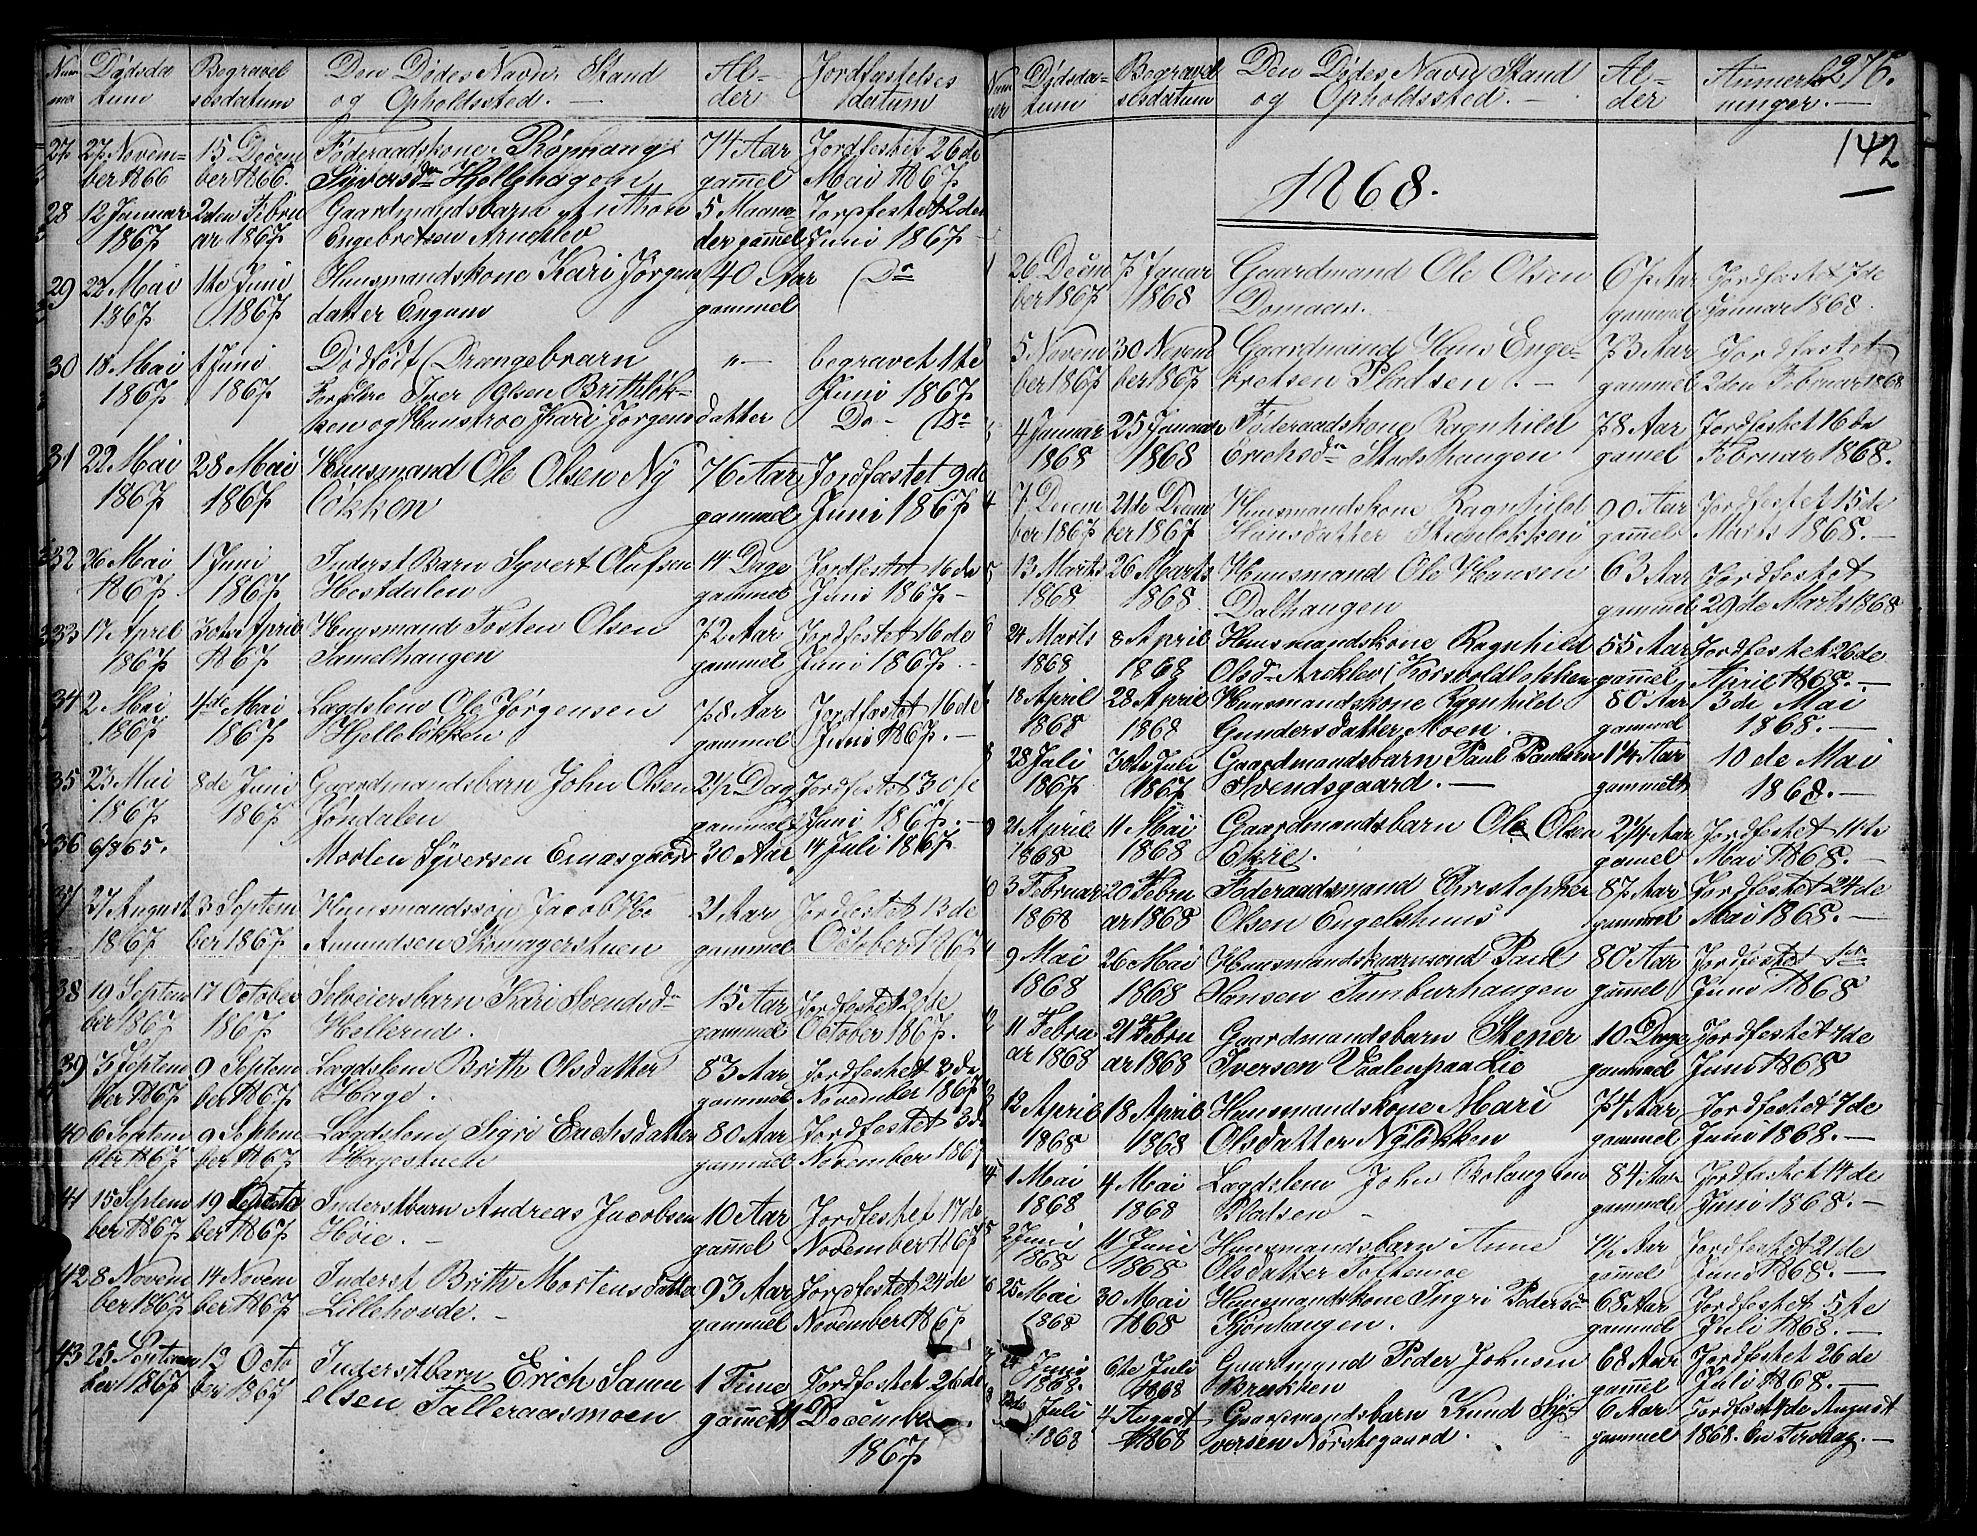 SAH, Dovre prestekontor, Klokkerbok nr. 1, 1862-1880, s. 276